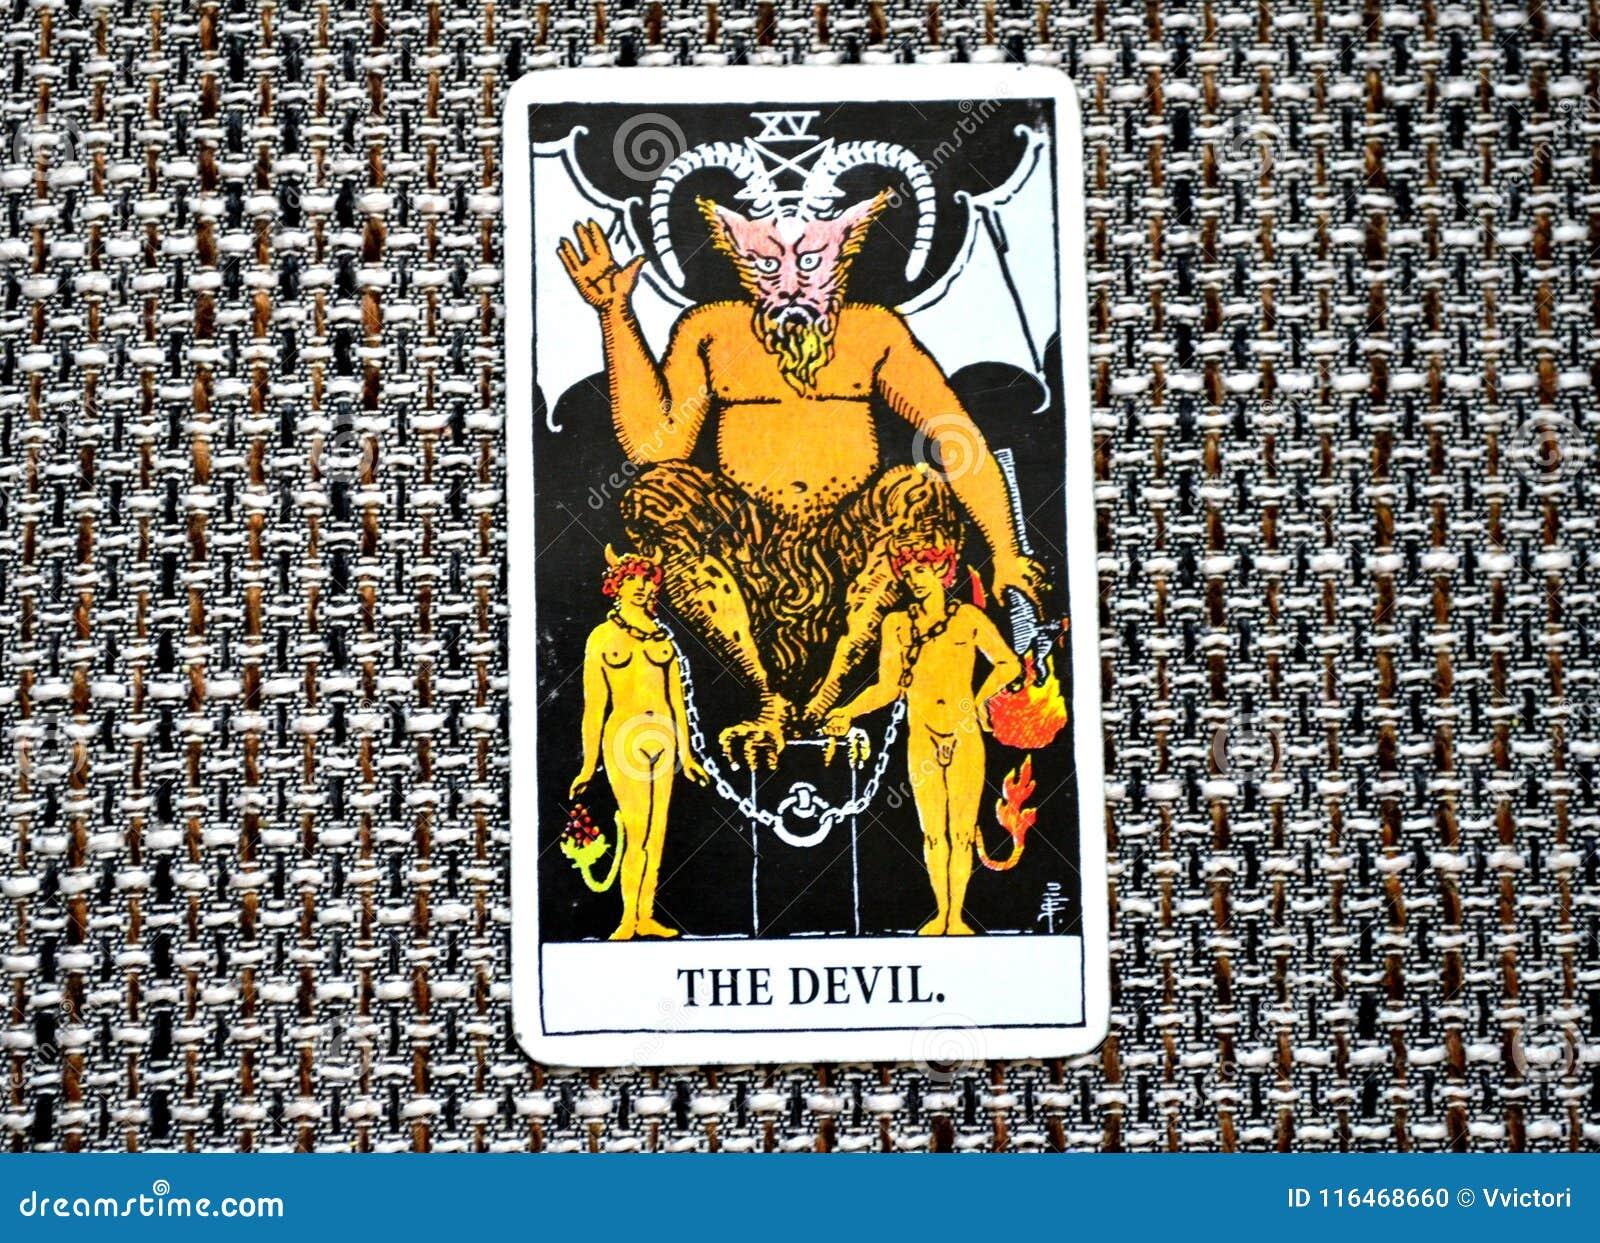 A sujeição do cartão de tarô do diabo, tentação, escravização, materialismo, apegos